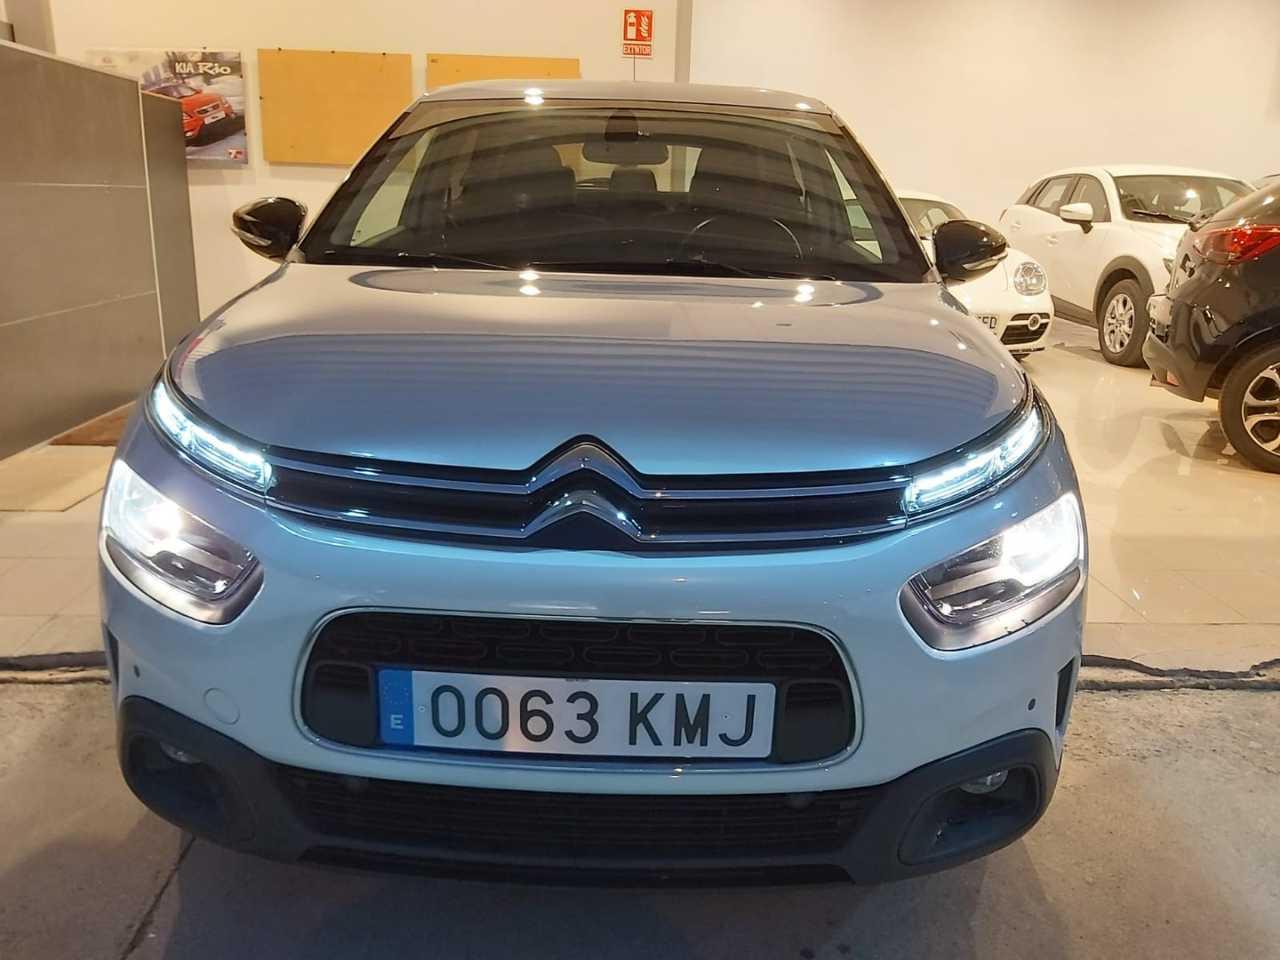 Citroën C4 Cactus  PureTech 96kW 130CV SS Shine   - Foto 1